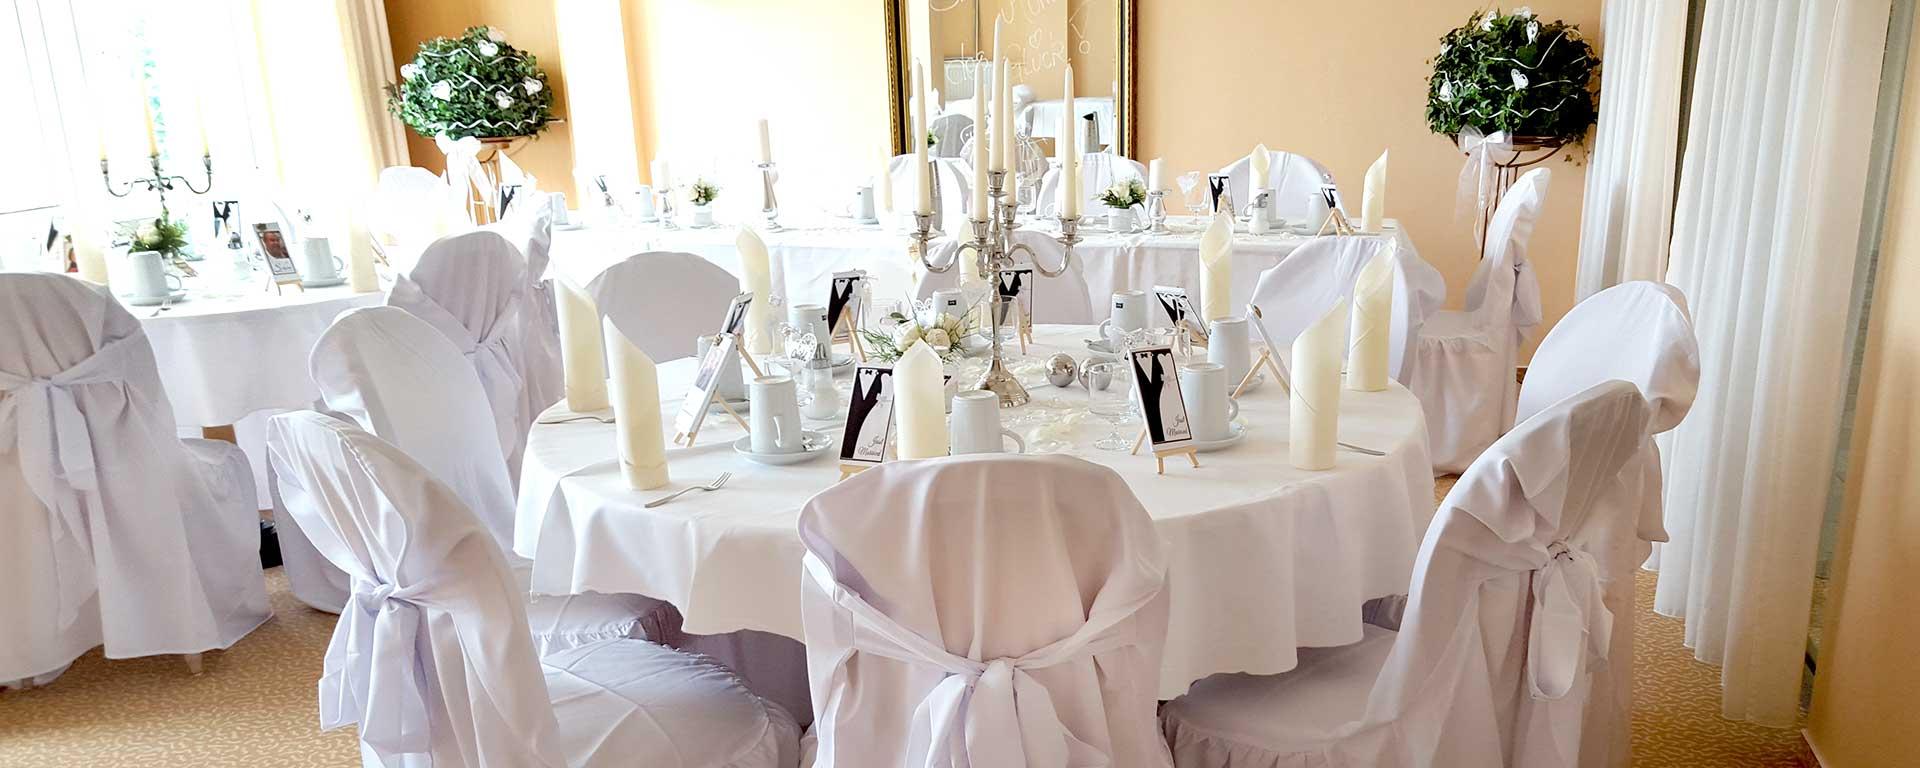 Saal & Veranstaltungsraum für Hochzeit und Familienfest, Festsaal, Eventlocation